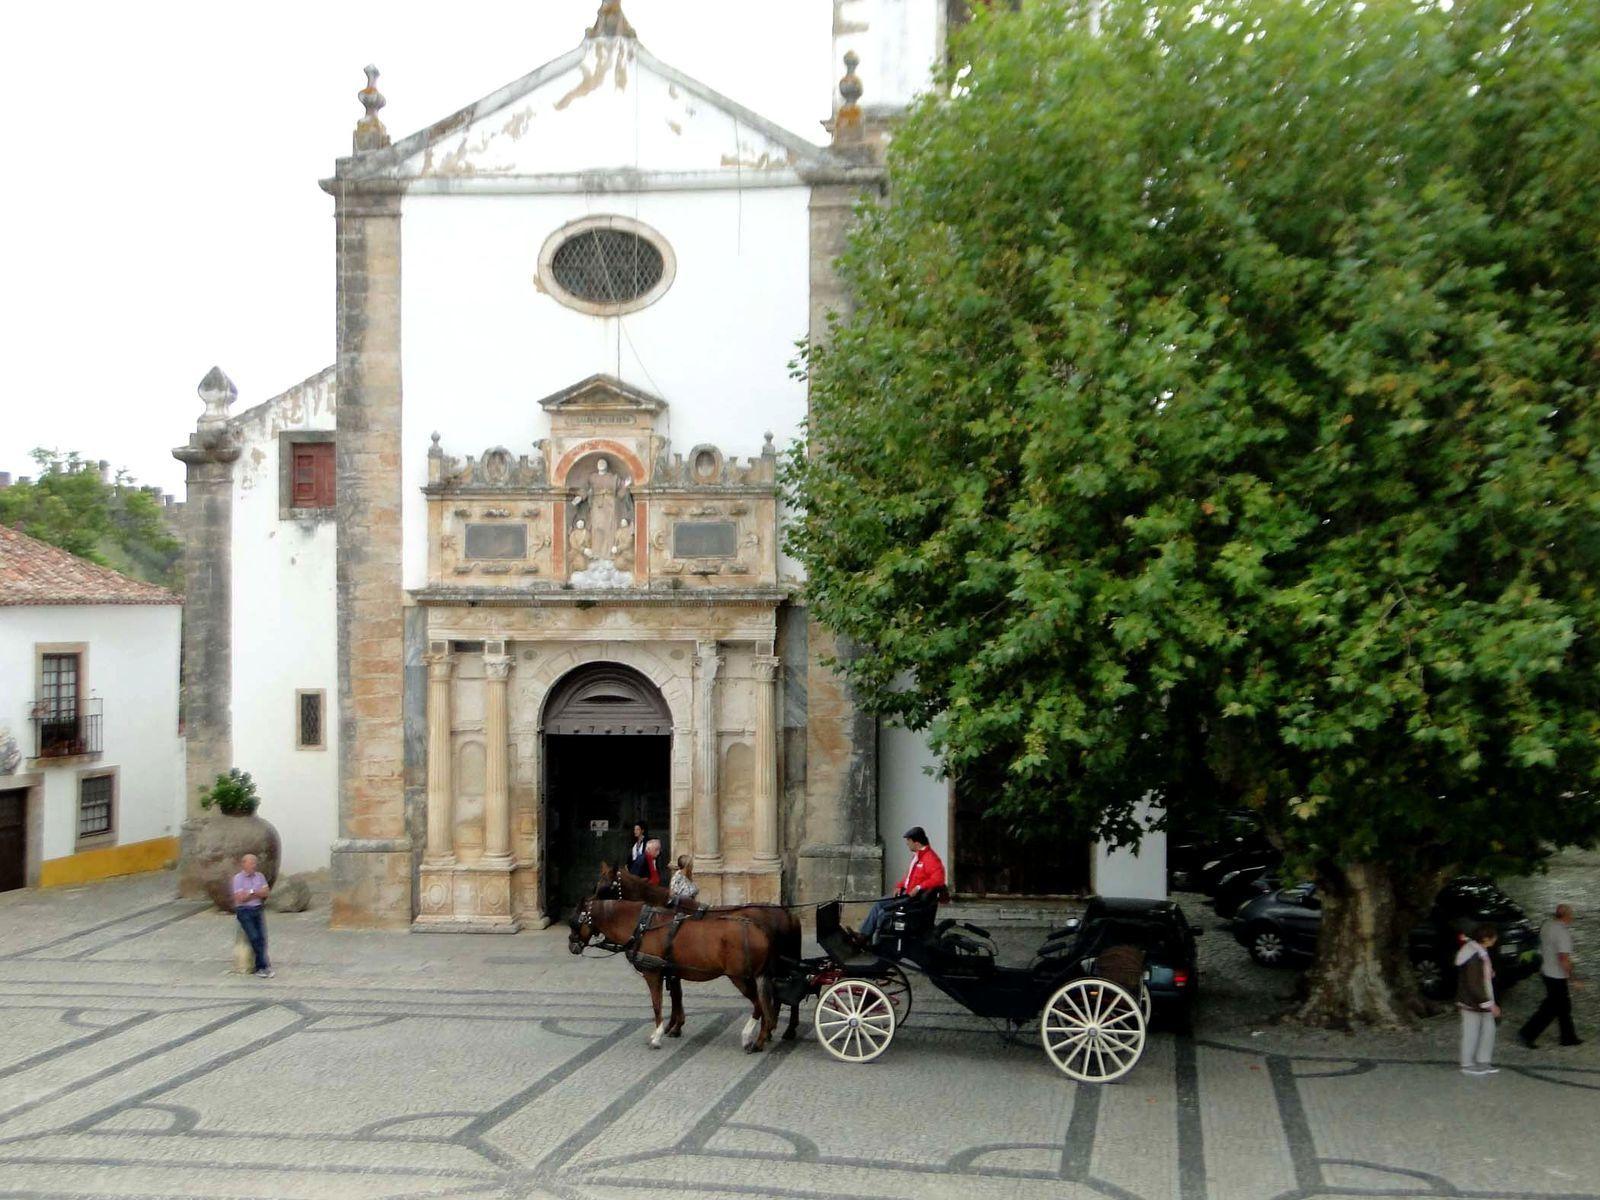 2015 09 24 - Voyage Portugal - Album 3